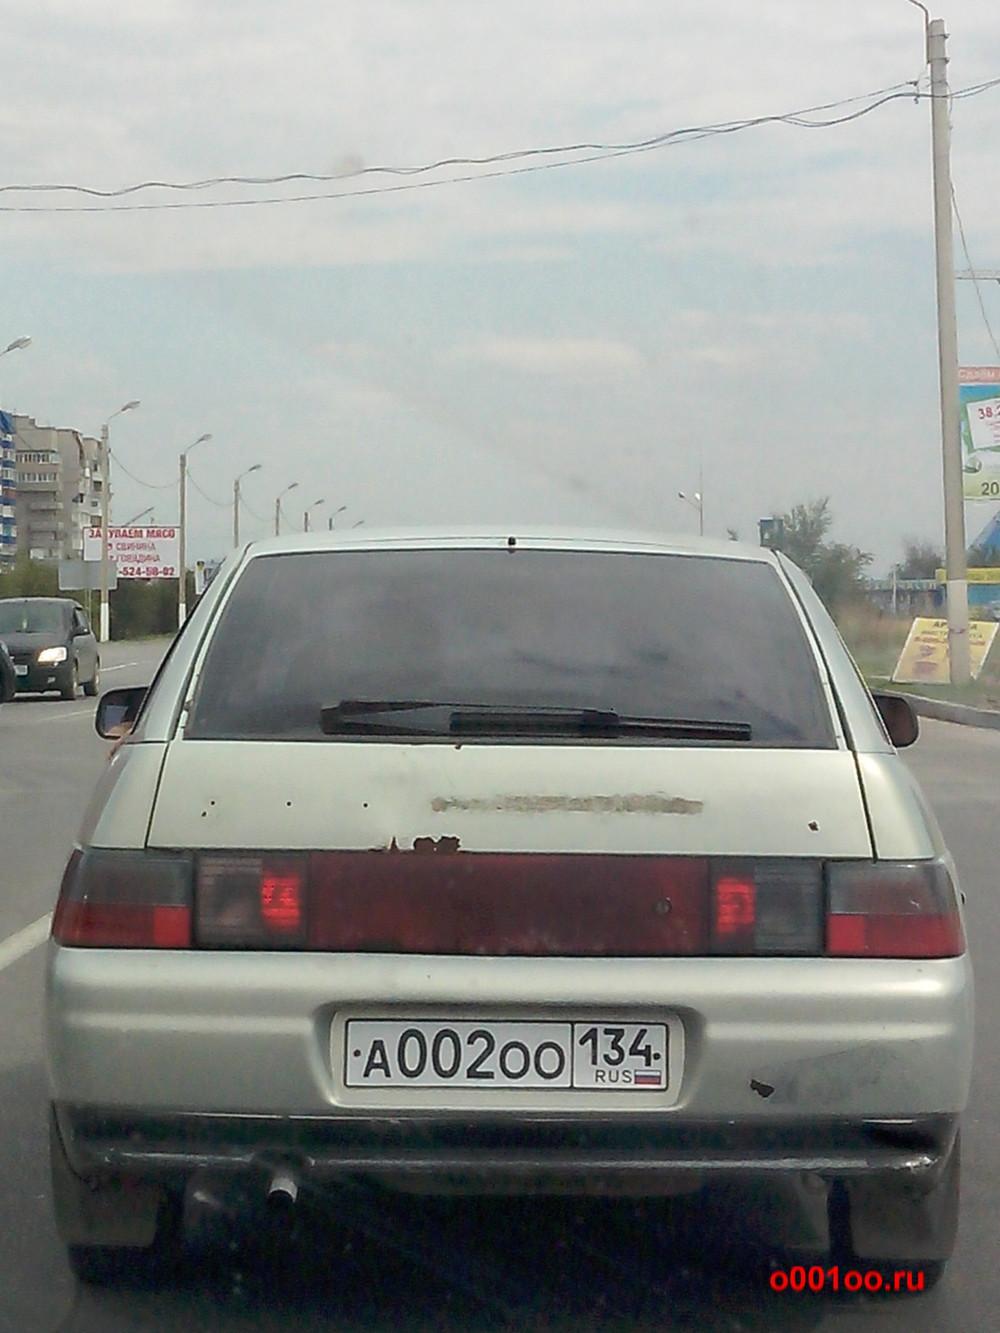 а002оо134